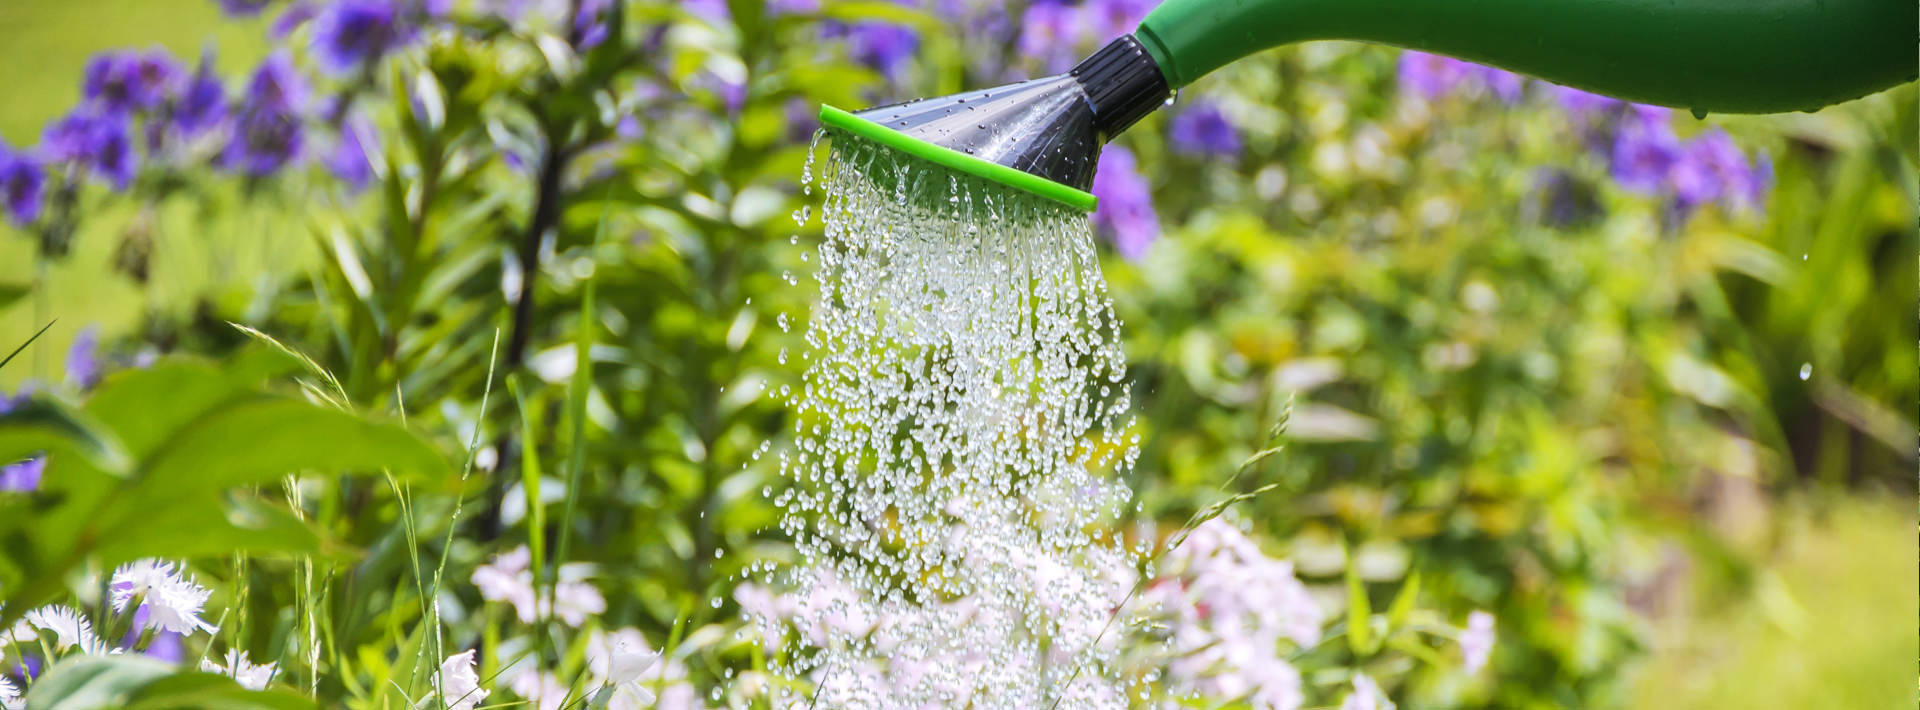 Image en-tête - Économie de l'eau